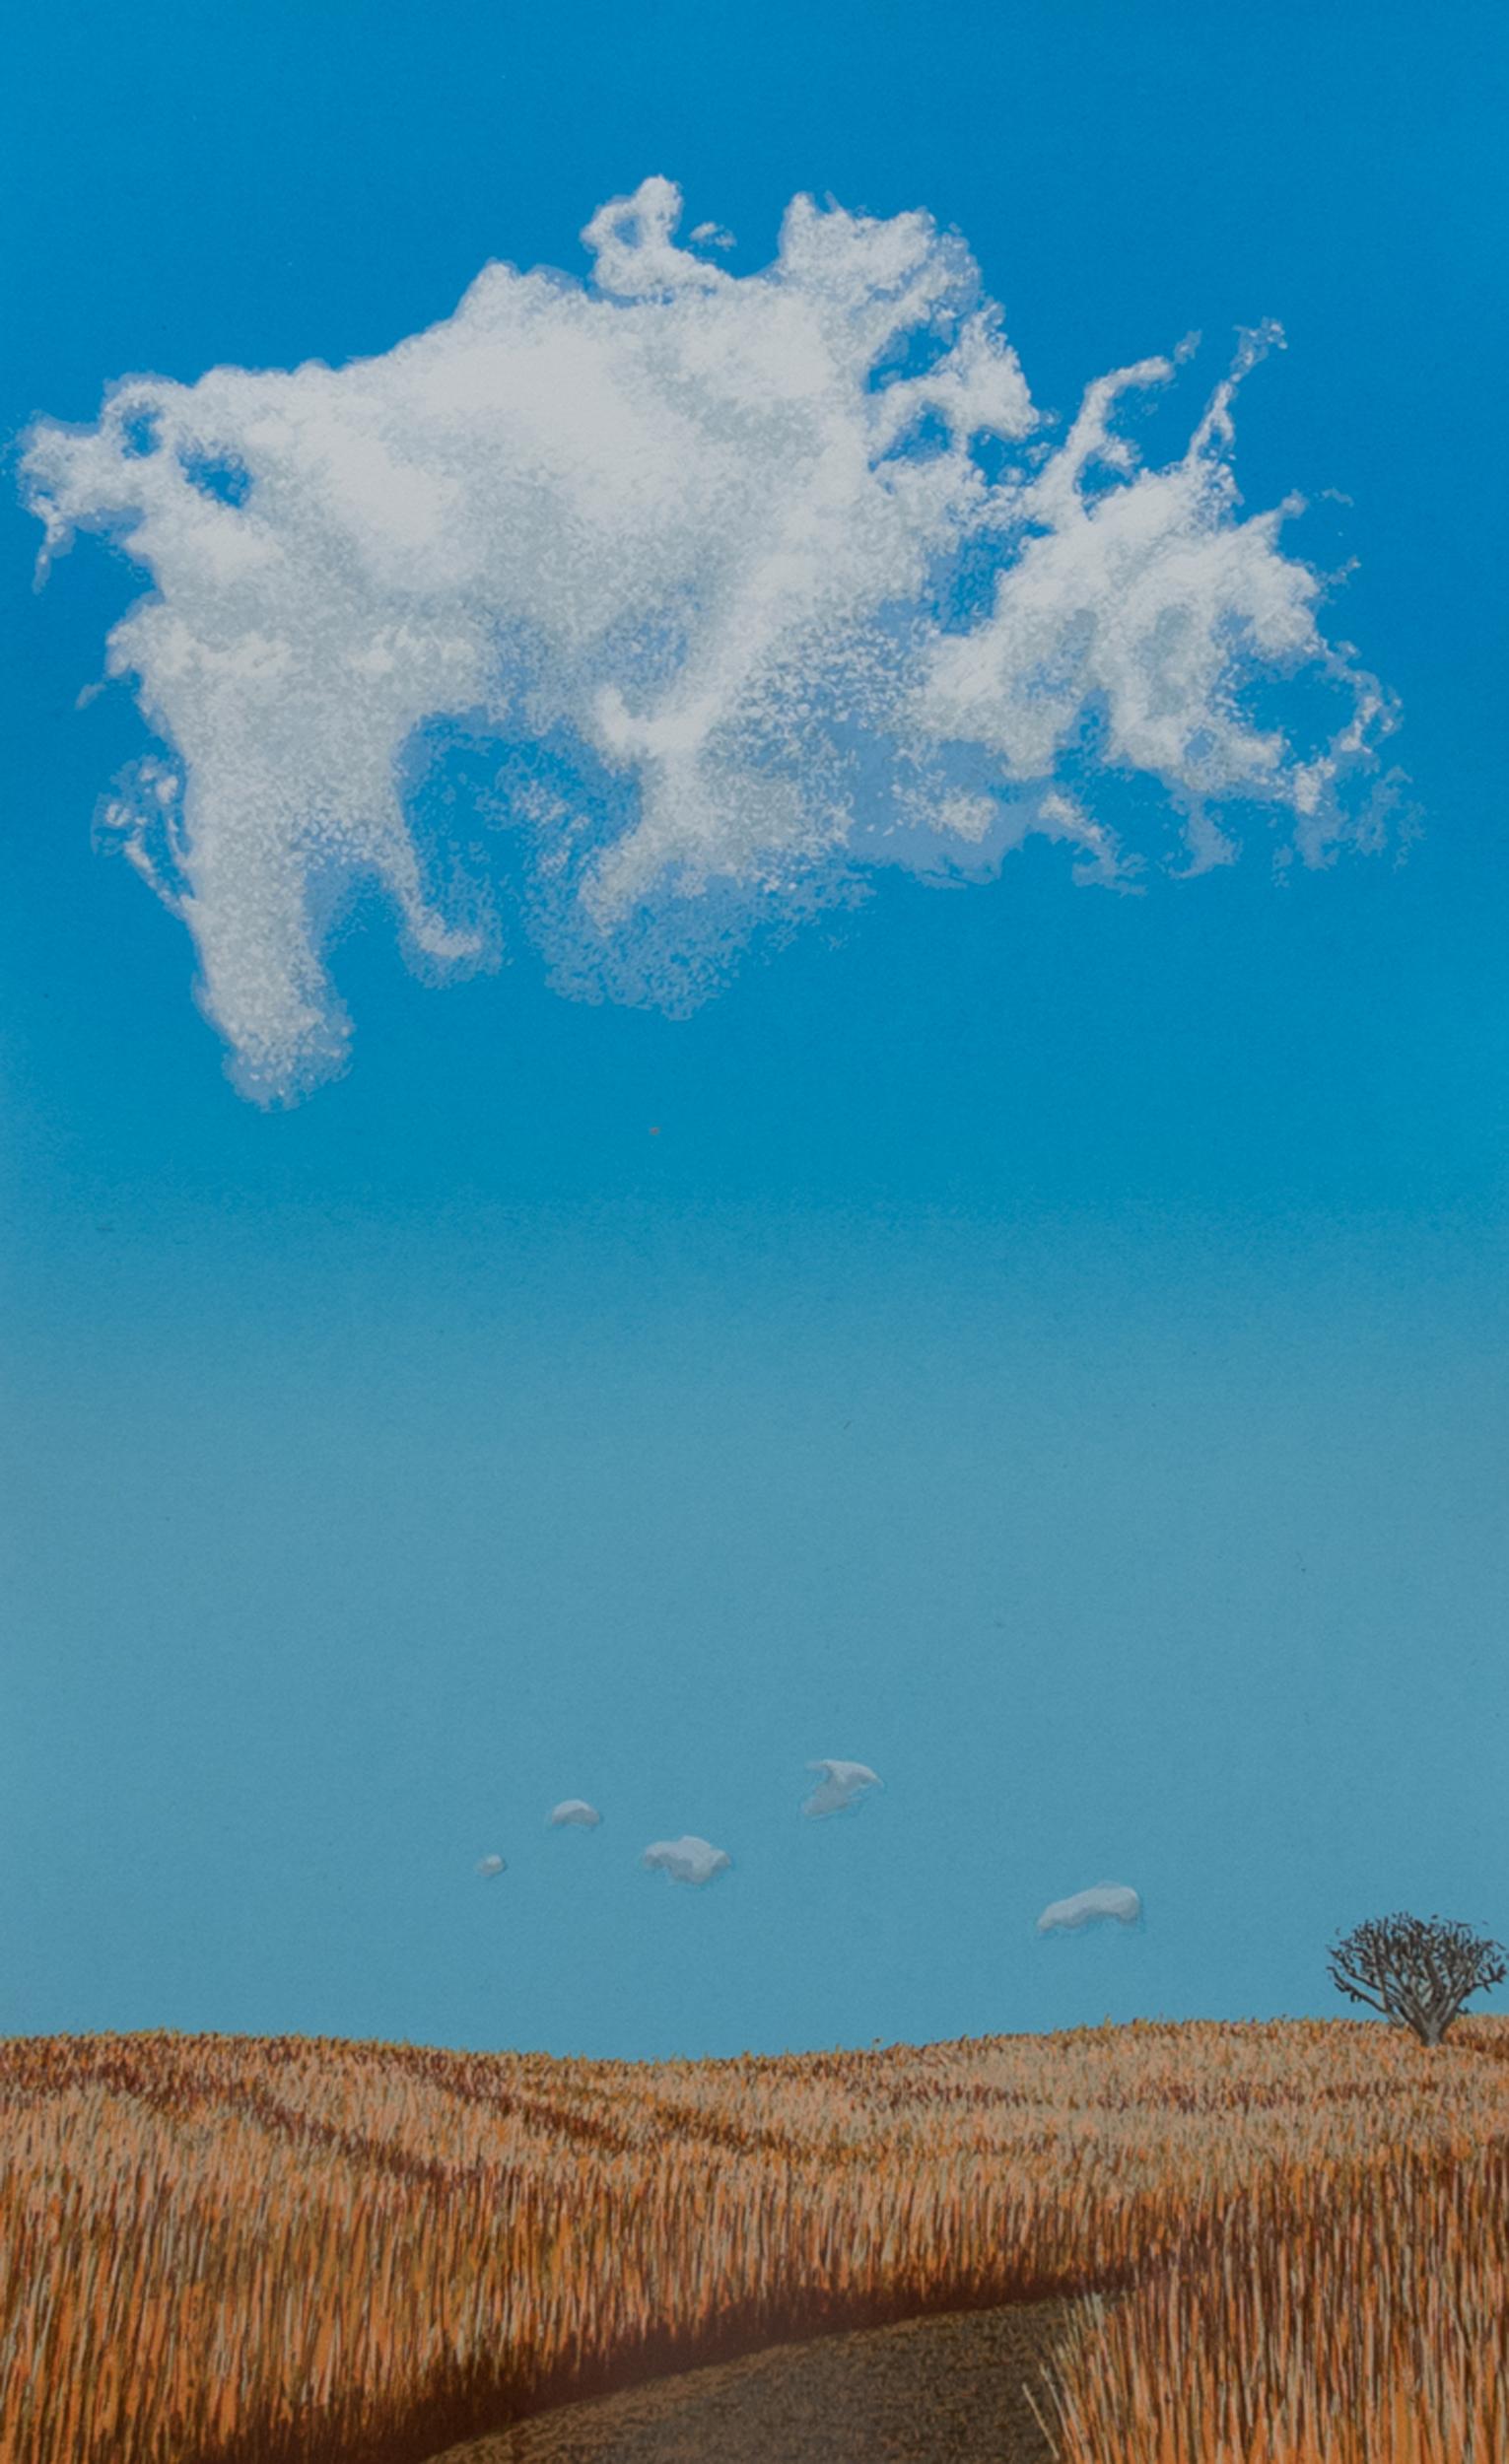 Jeremy Piller, Field and Clouds (Robert Ney Memorial Park)